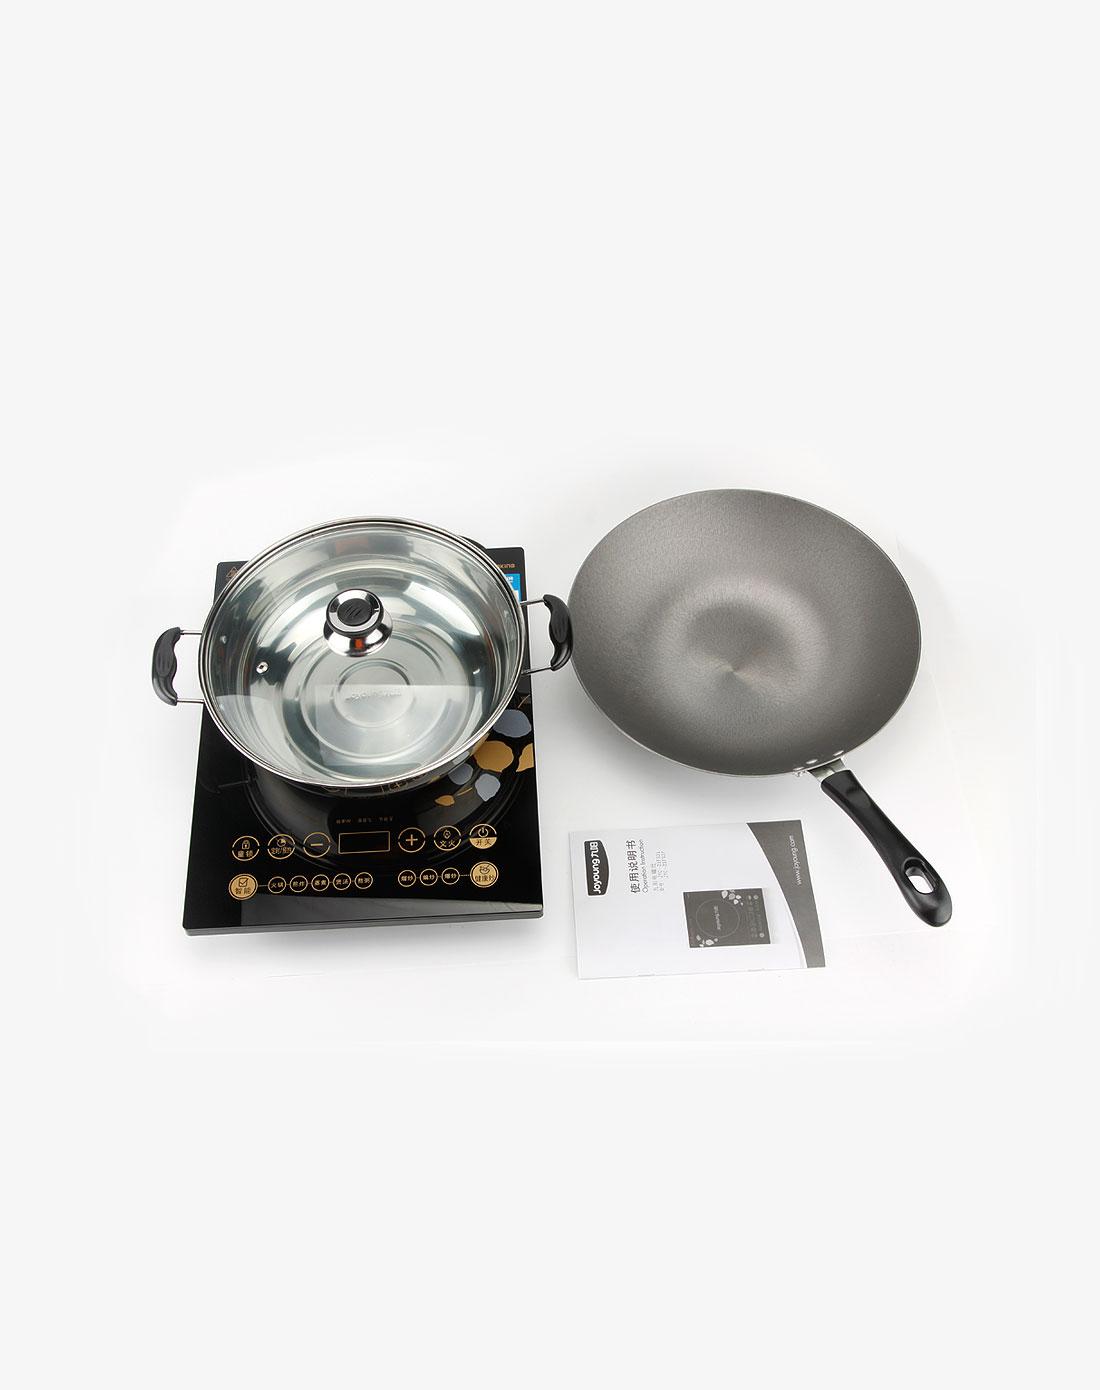 电磁炉(送汤锅 炒锅)jyc-21fs37